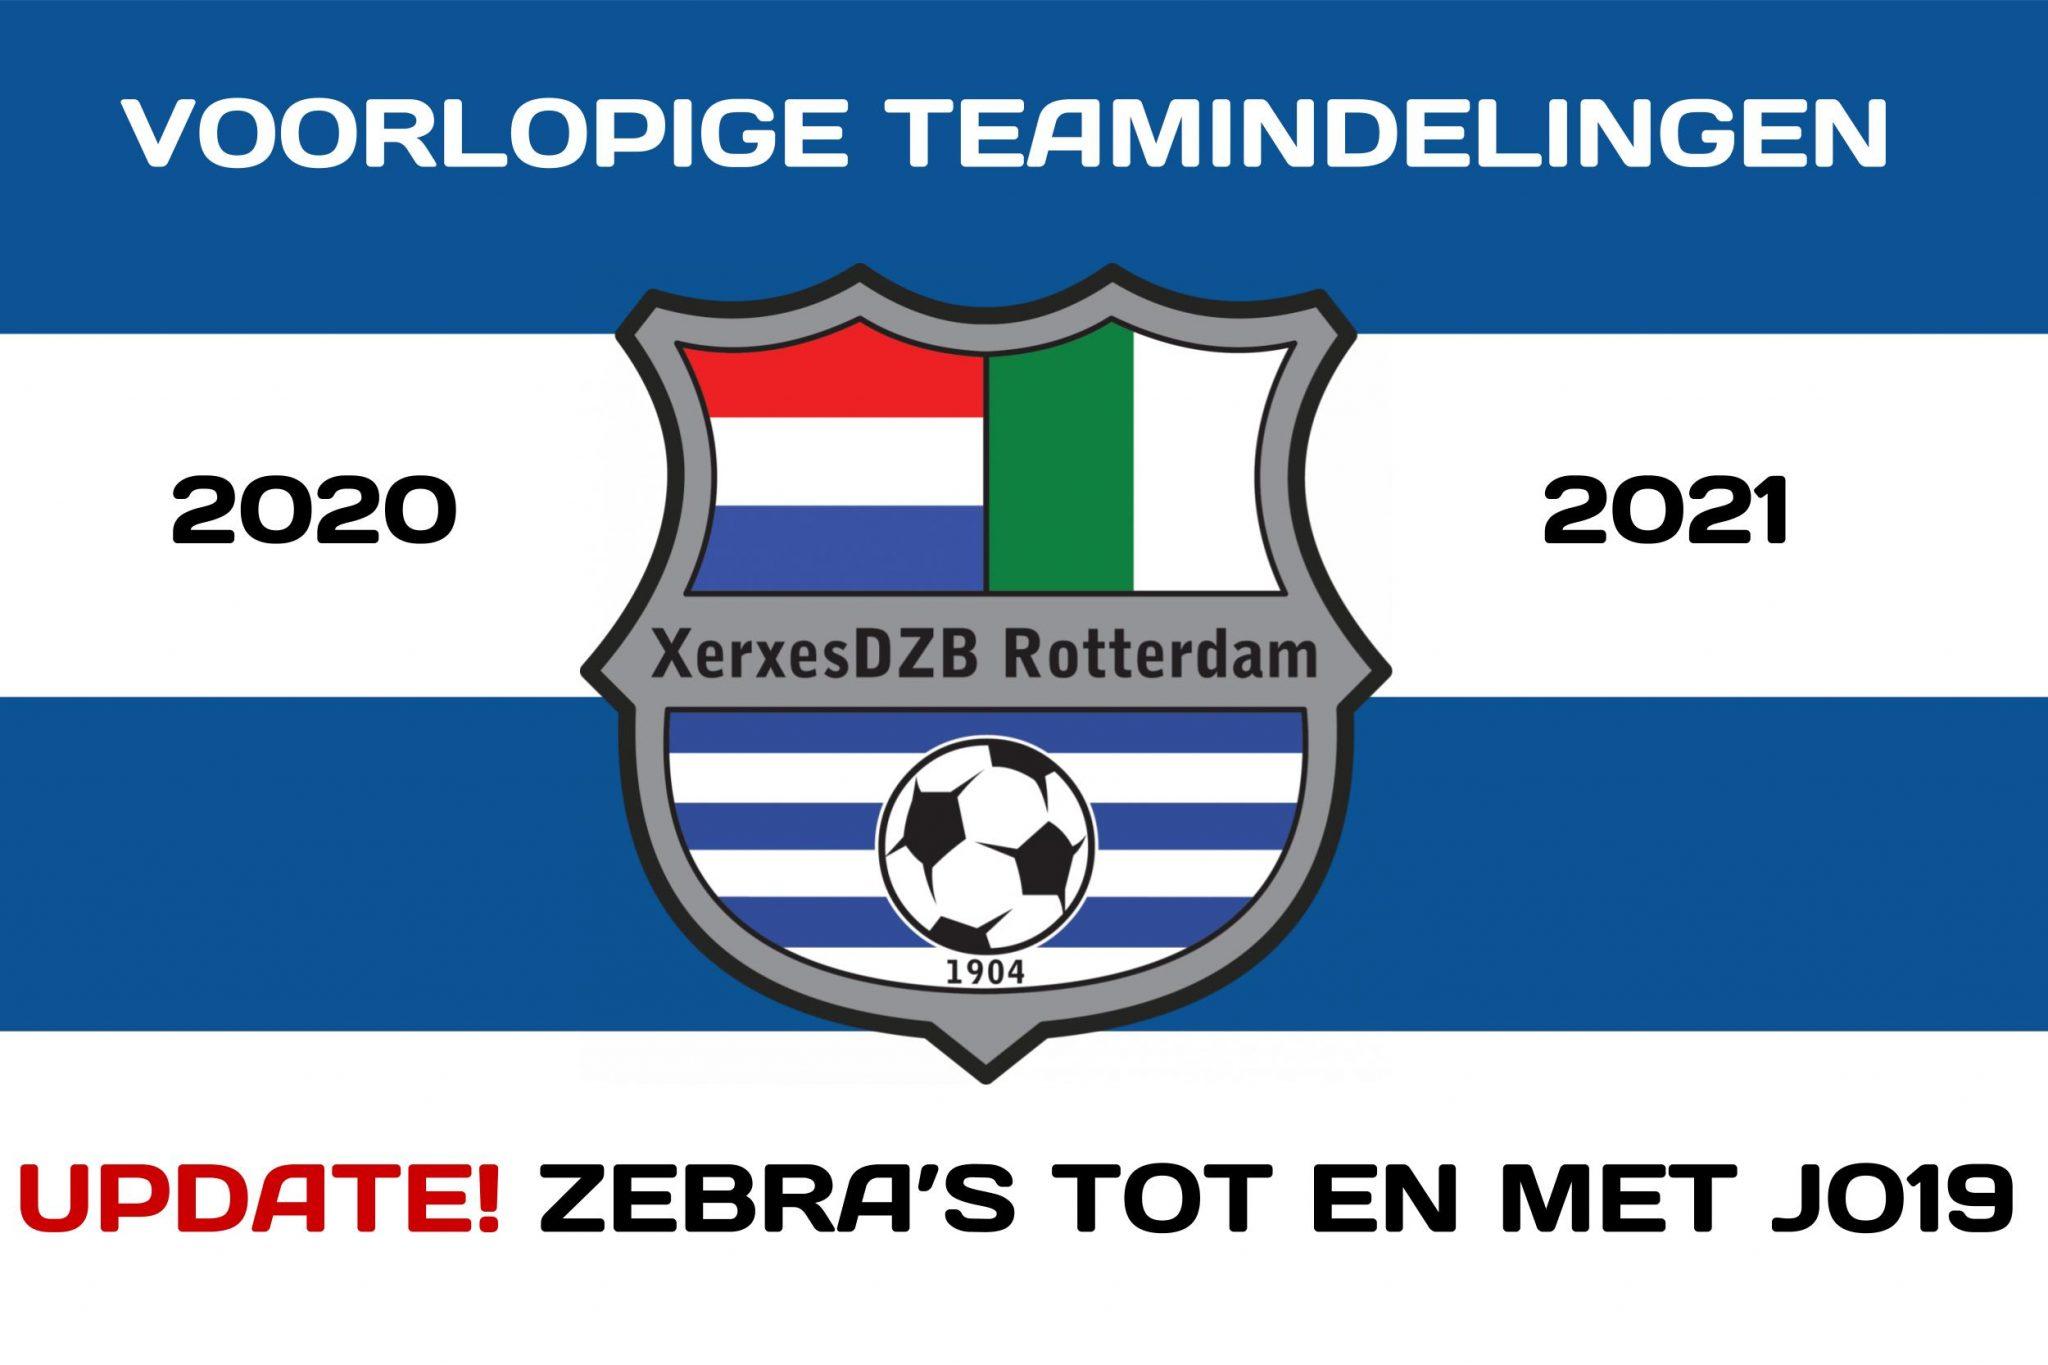 UPDATE 29 juni 2020! Voorlopige teamindelingen 2020-2021 voor Zebra t/m O19